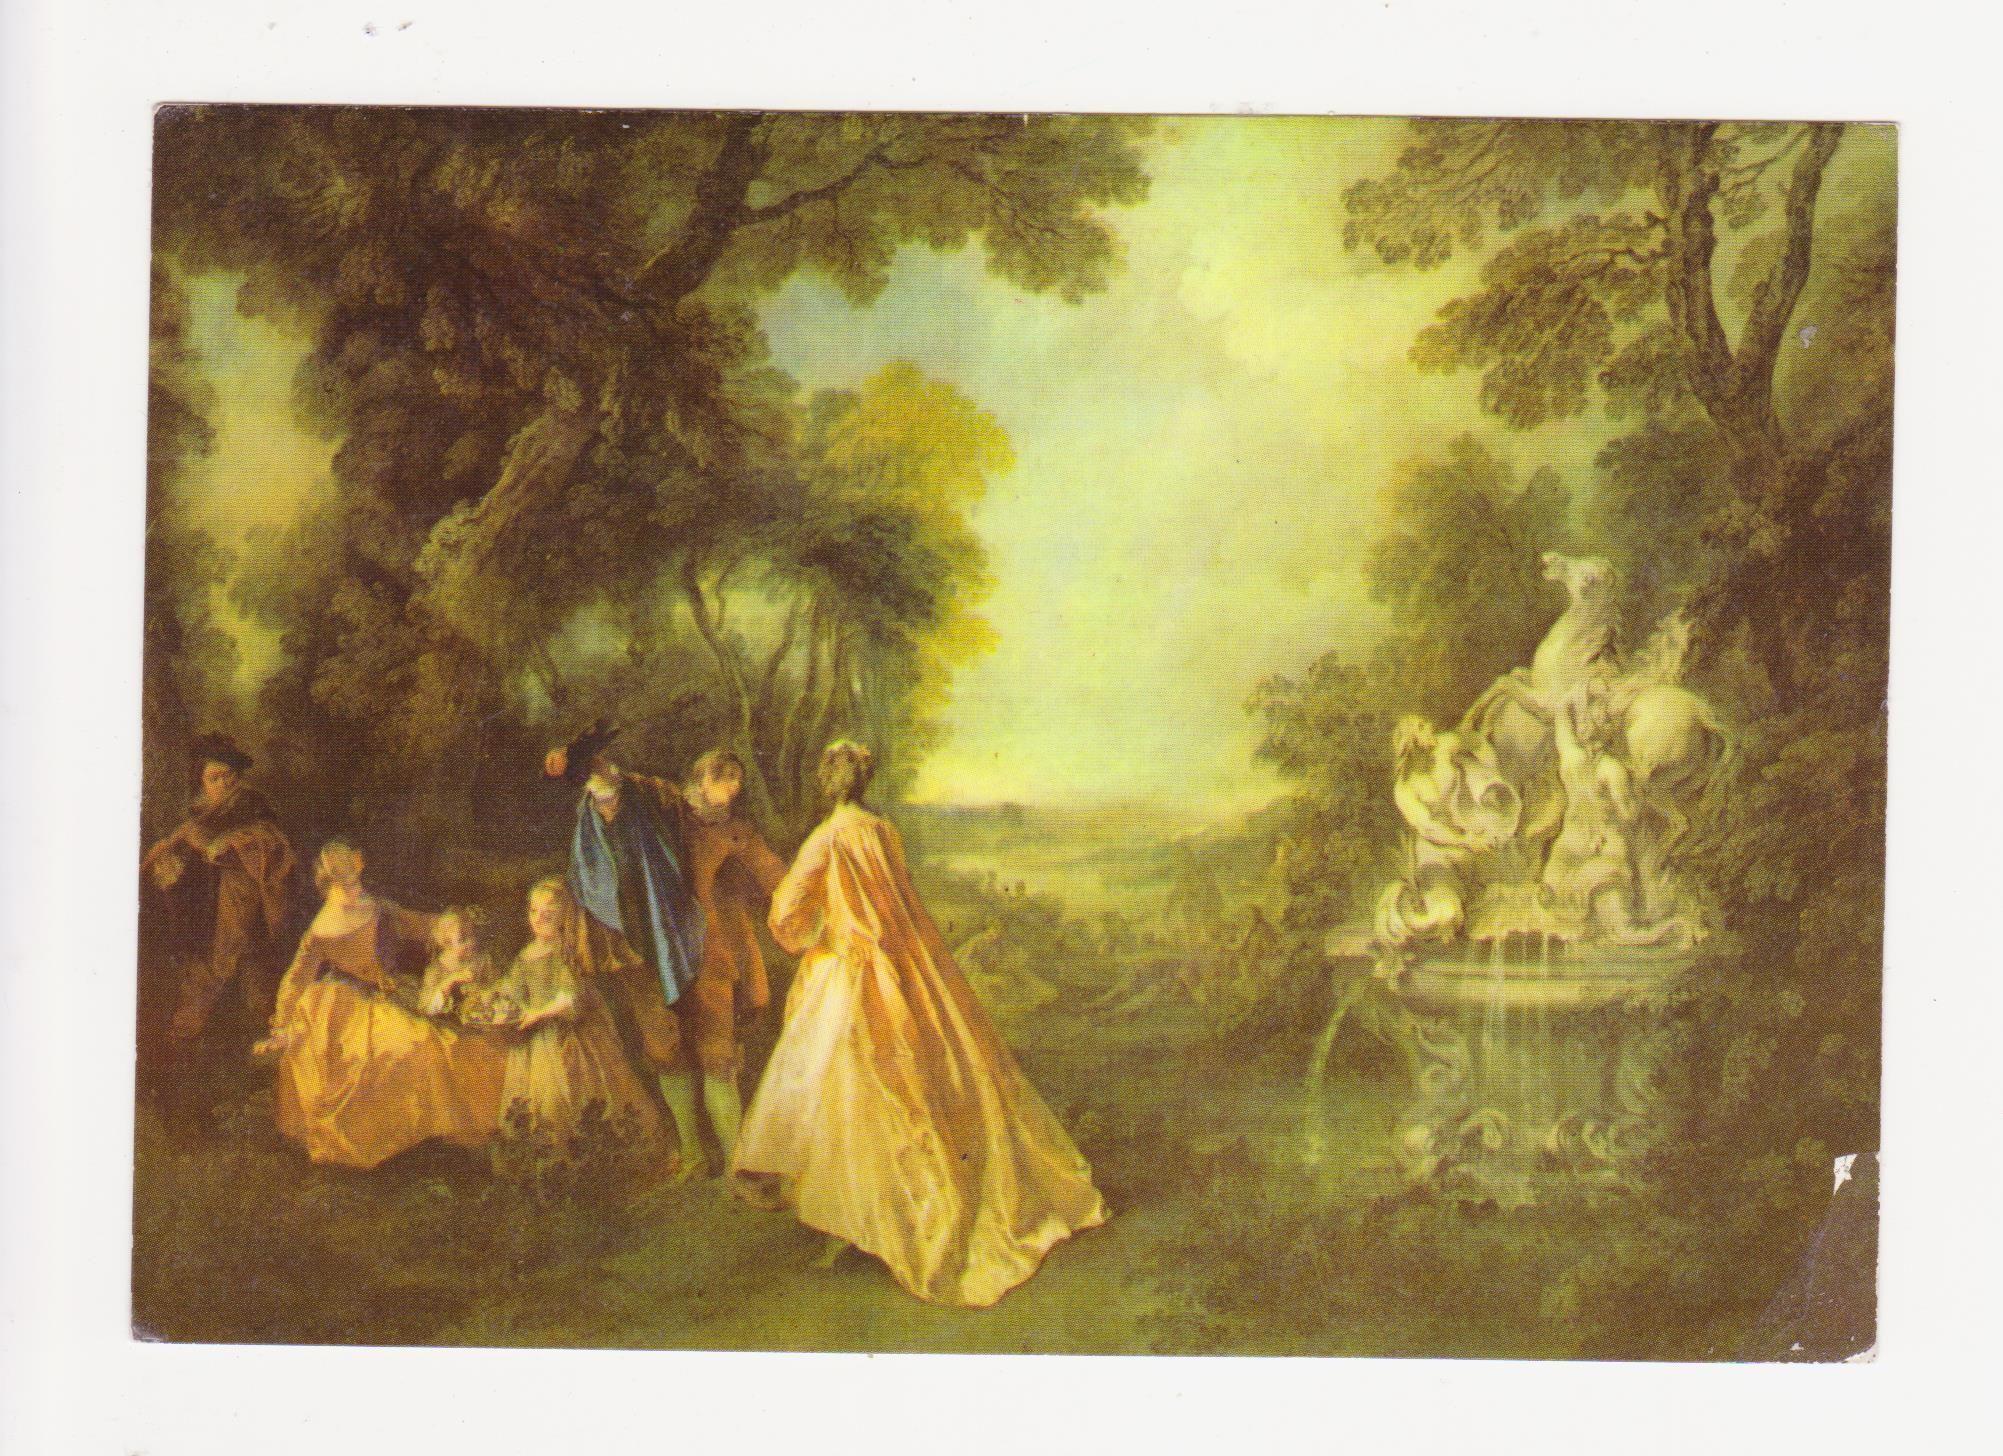 Staatliche Schlosser Und Garten Potsdam Sanssouci Schloss Sanssouci Nicolas Lancret 1690 1743 Malte Der Tanz An Der Pegasusfontane Postkarte Aus Ddr Zeit P